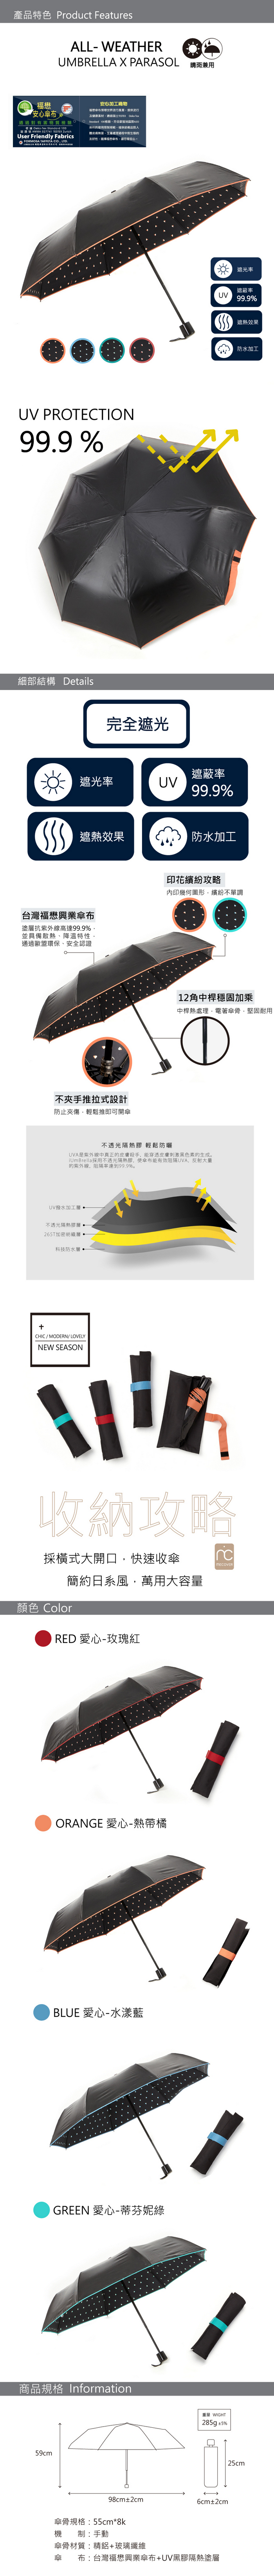 MECOVER【完美防曬】零透光黑膠加大手開傘-愛心水漾藍